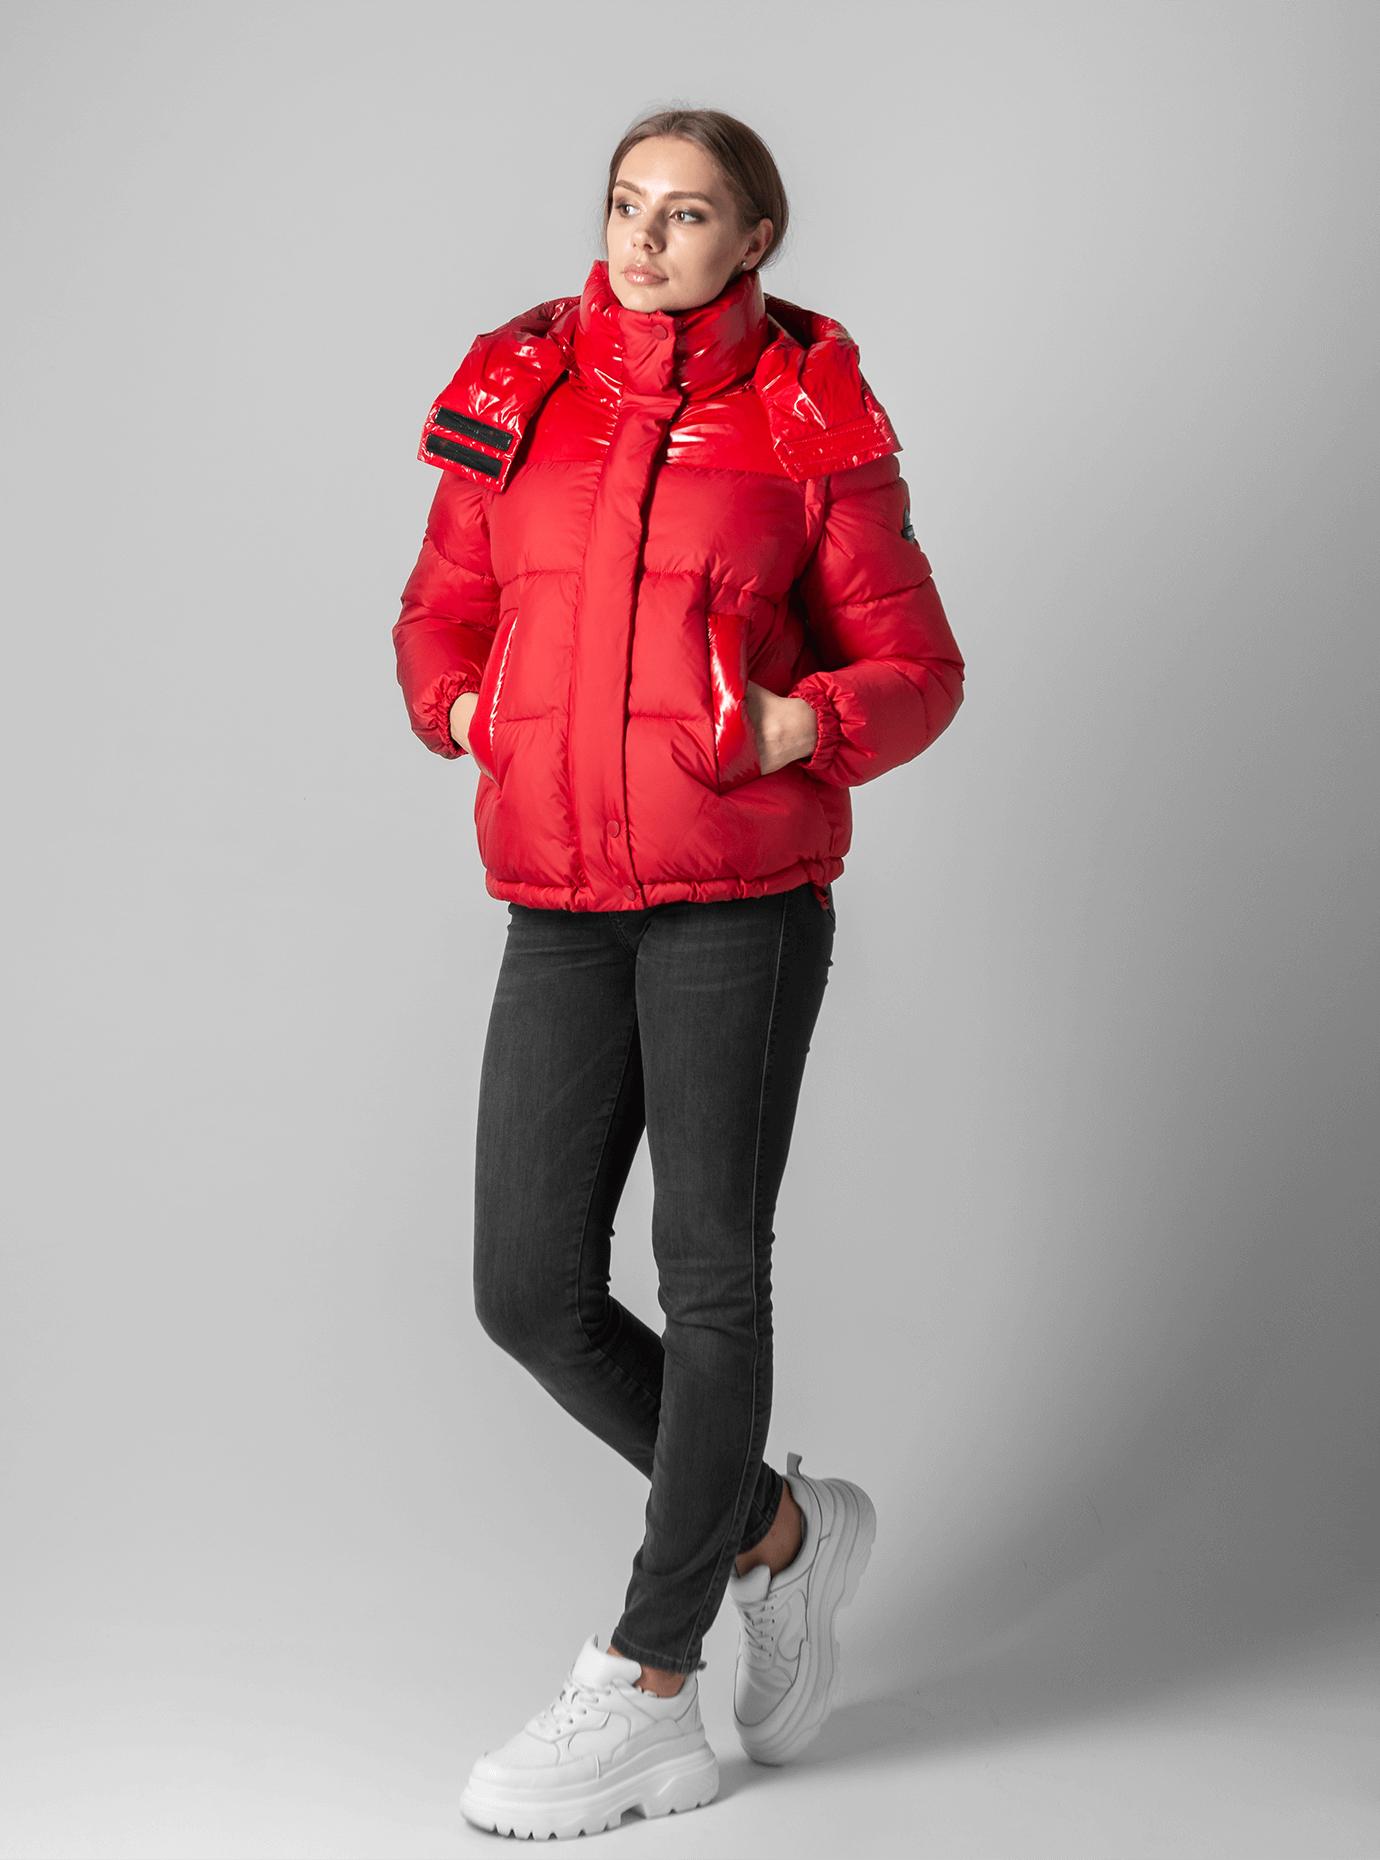 Куртка с лаковыми вставками Красный S (02-190123): фото - Alster.ua